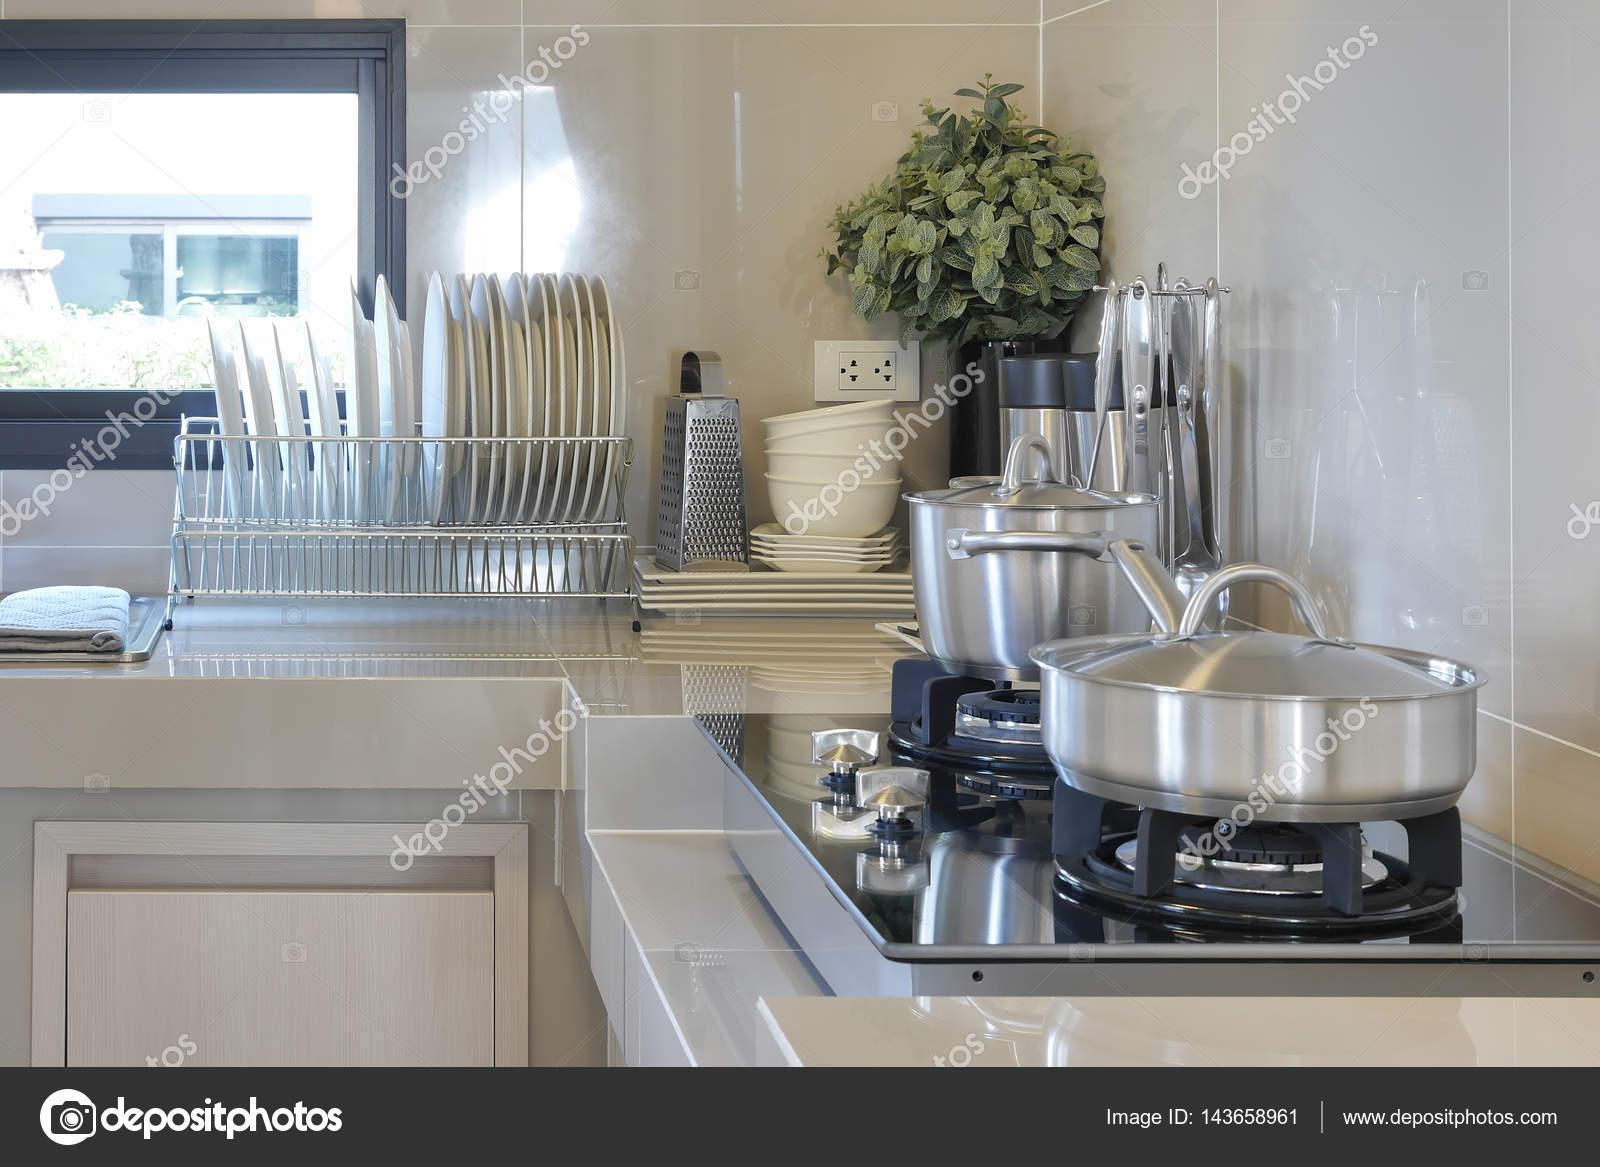 casserole en acier inoxydable sur la gazini re avec ustensile de cuisine moderne photographie. Black Bedroom Furniture Sets. Home Design Ideas